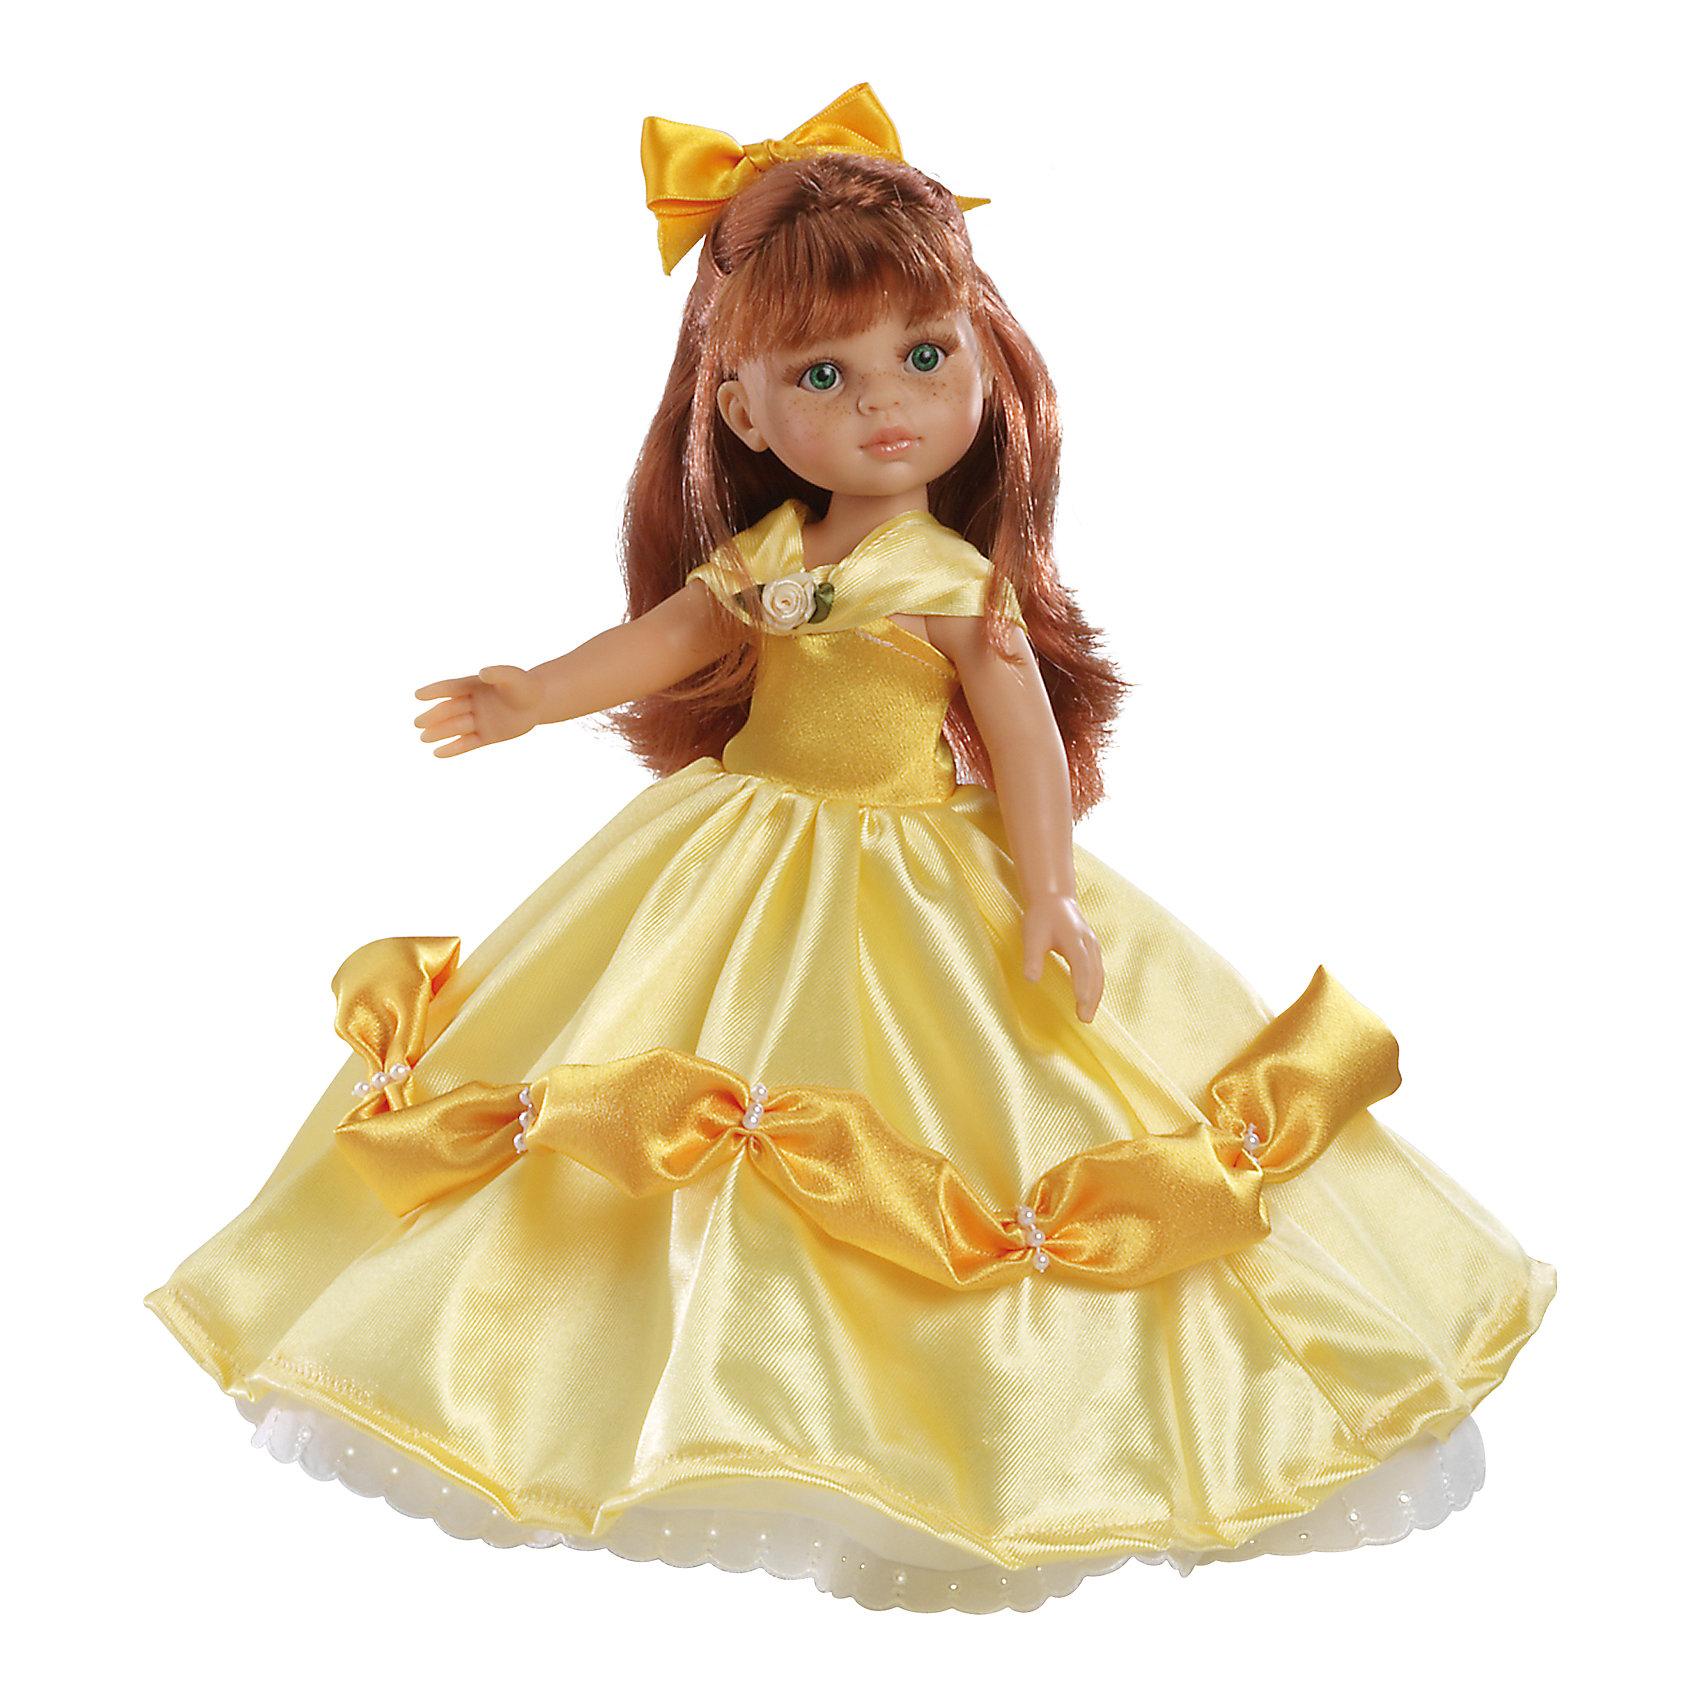 Кукла Кристи принцесса 32 см, Paola ReinaКлассические куклы<br>Кукла имеет нежный ванильный аромат; уникальный и неповторимый дизайн лица и тела; ручная работа (ресницы, веснушки, щечки, губы, прическа); волосы легко расчесываются и блестят; ручки, ножки и голова поворачиваются. <br>Качество подтверждено нормами безопасности EN17 ЕЭС. <br>Материалы: кукла изготовлена из винила; глаза выполнены в виде кристалла из прозрачного твердого пластика; волосы сделаны из высококачественного нейлона.<br><br>Ширина мм: 110<br>Глубина мм: 230<br>Высота мм: 410<br>Вес г: 708<br>Возраст от месяцев: 36<br>Возраст до месяцев: 144<br>Пол: Женский<br>Возраст: Детский<br>SKU: 4795912